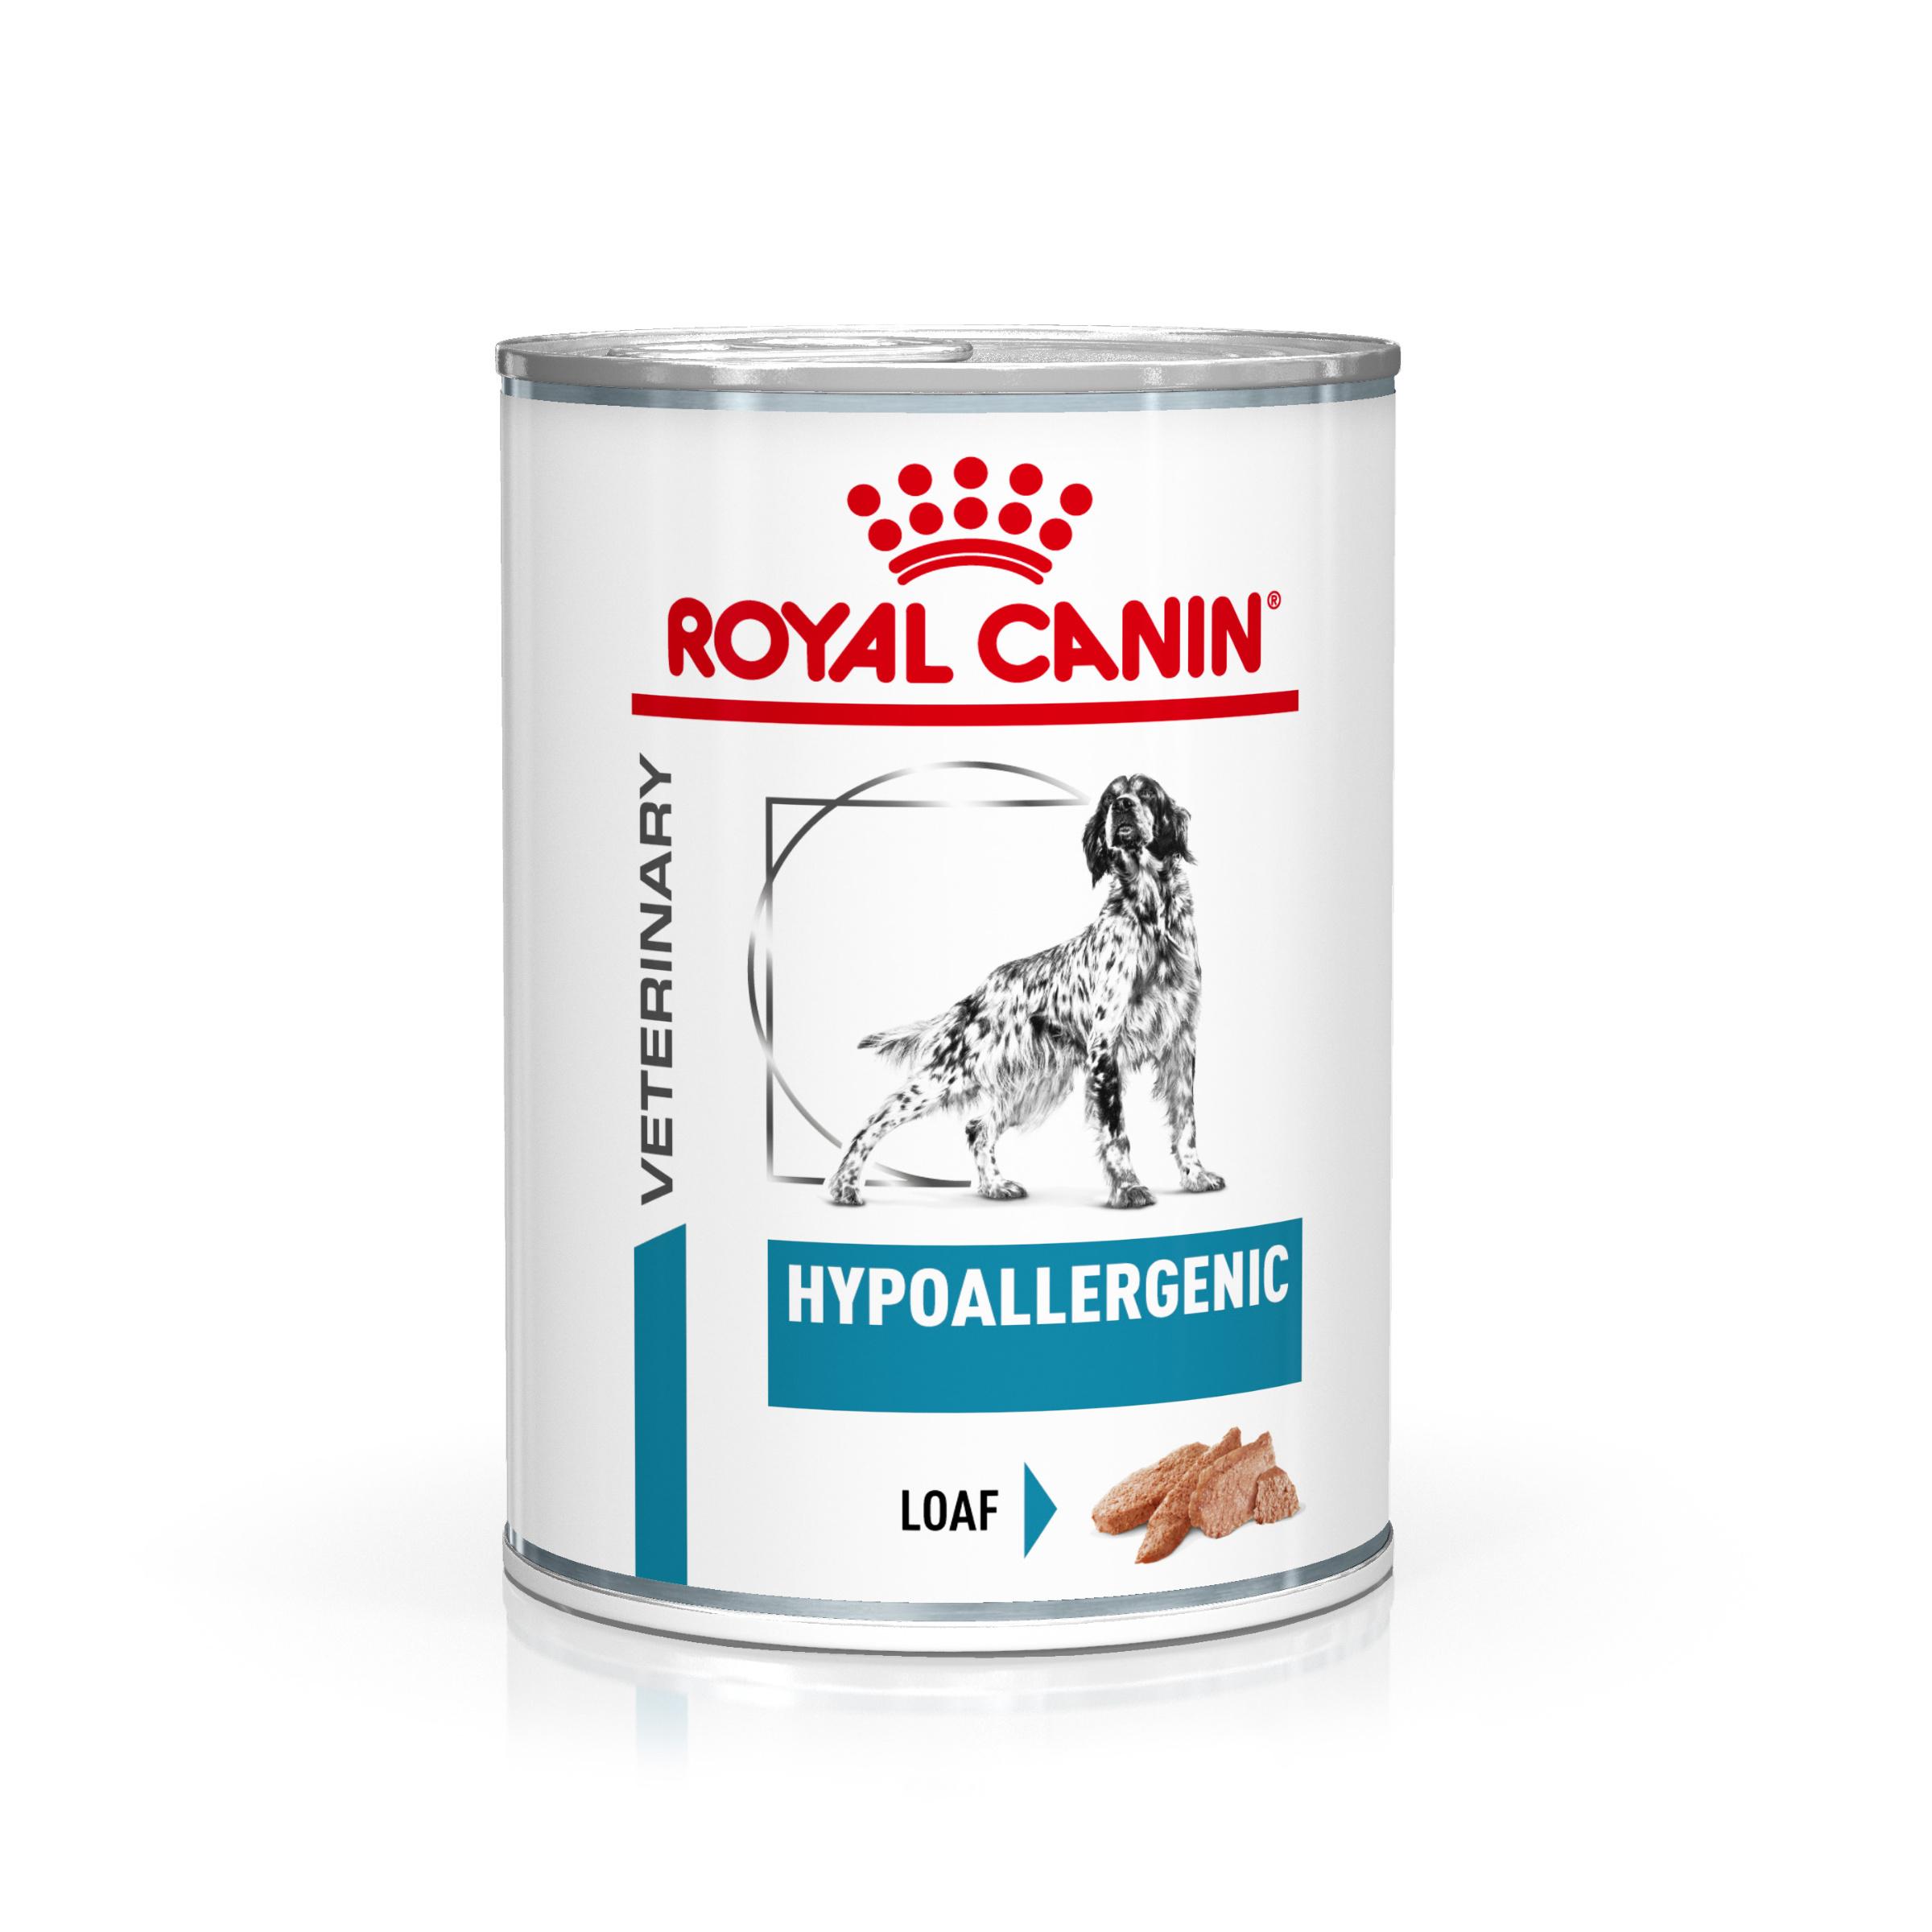 Royal Canin Veterinary Health Nutrition Dog HYPOALLERGEN konzerva 400g